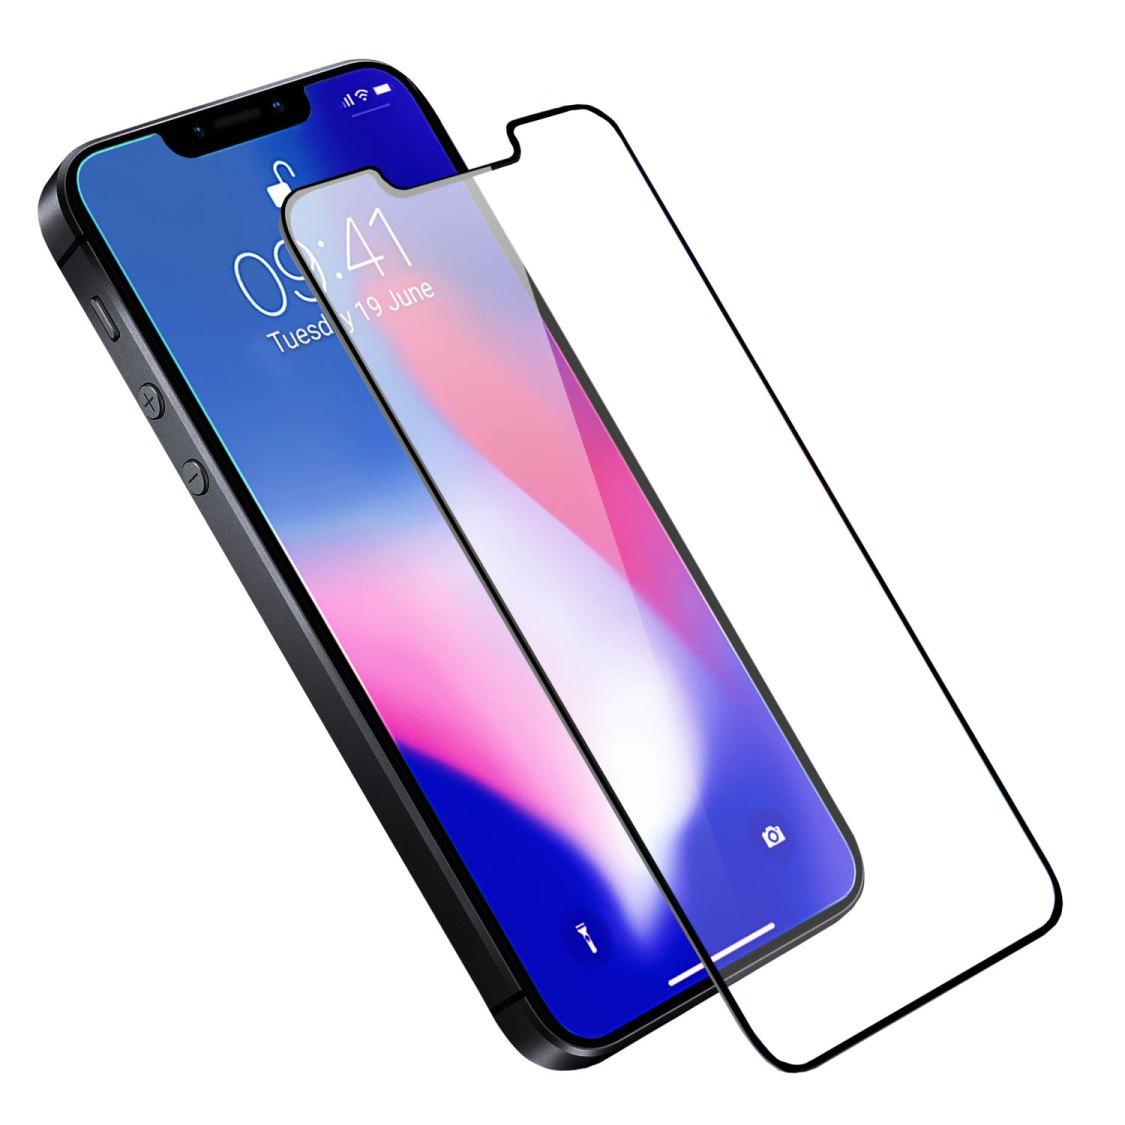 Tillverkare lägger ut bild på iPhone SE2 – det här kan inte vara fejk!